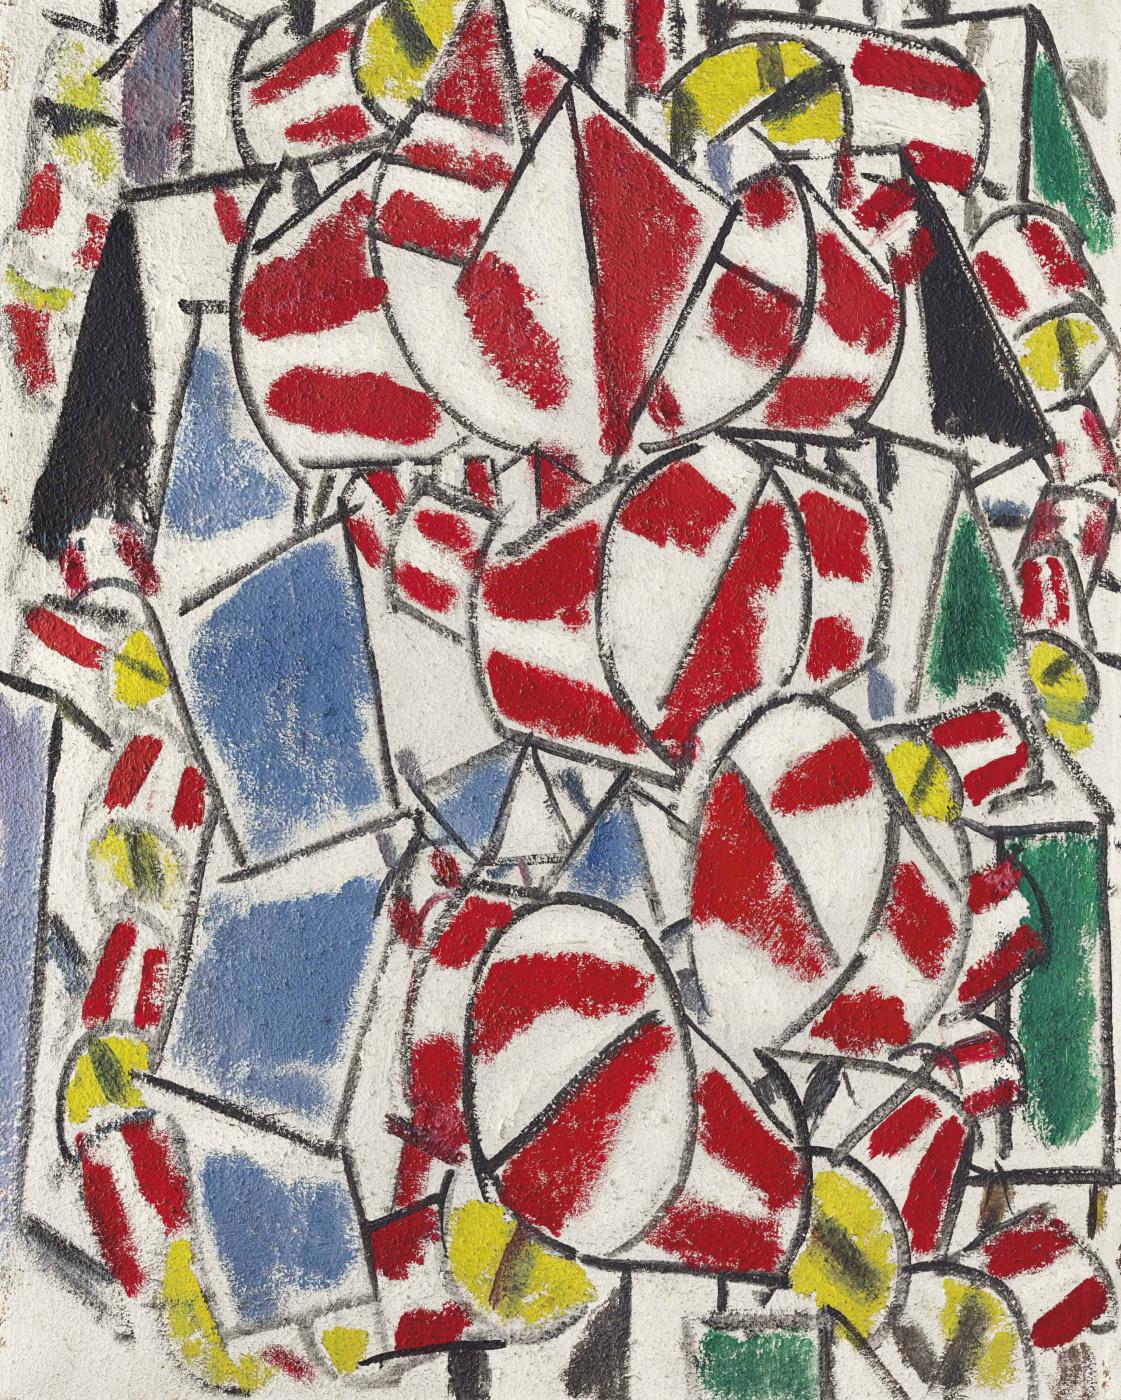 Fernand Leger. Contraste de formes